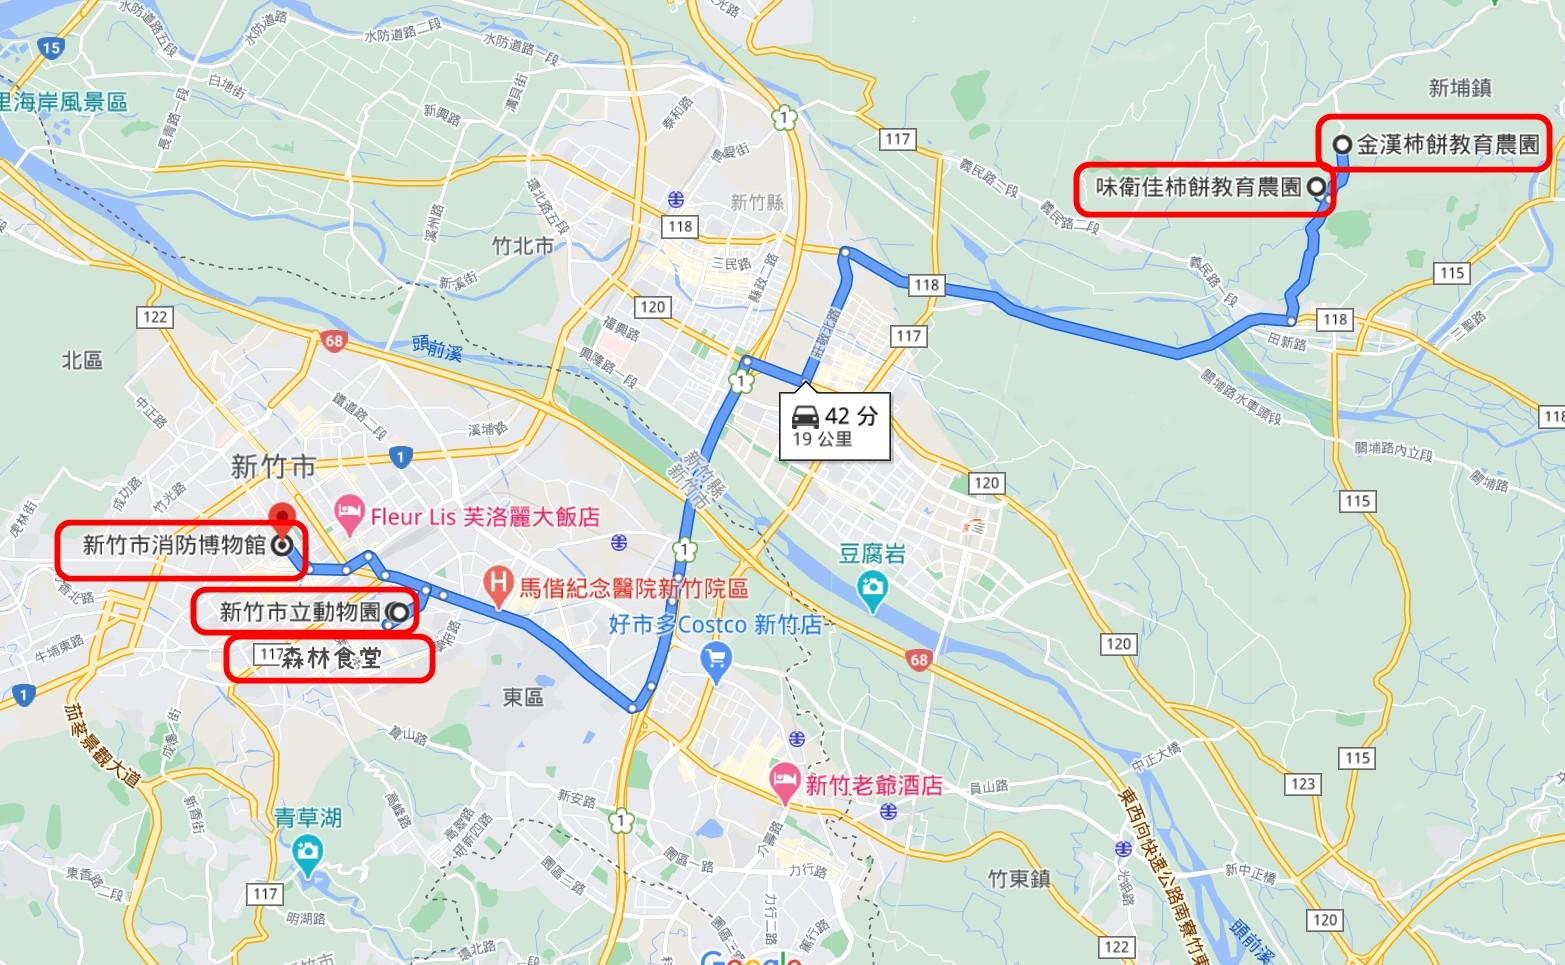 新竹懶人包【賞柿餅親子行程】5條路線人氣景點一次攻略 - yukiblog.tw